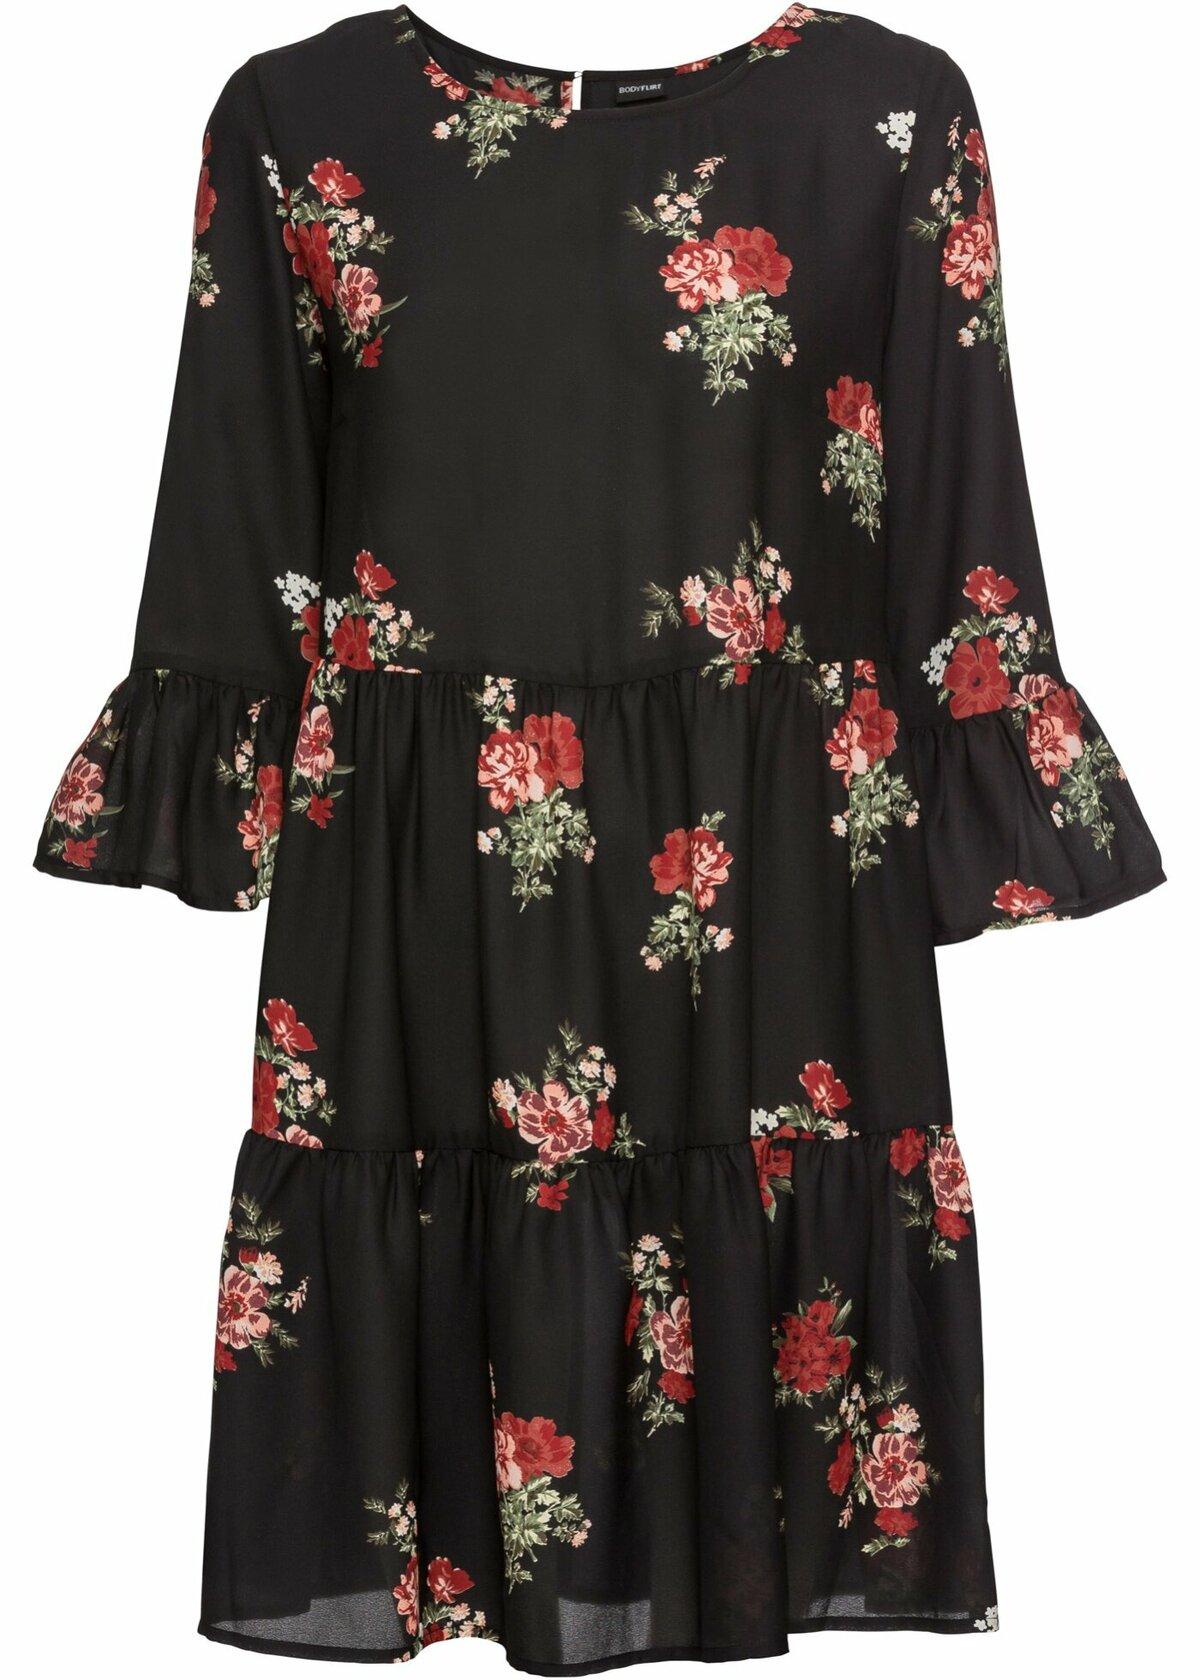 124af9e4923 Платья с мелкими цветами - купить в Пскове по выгодной цене ...